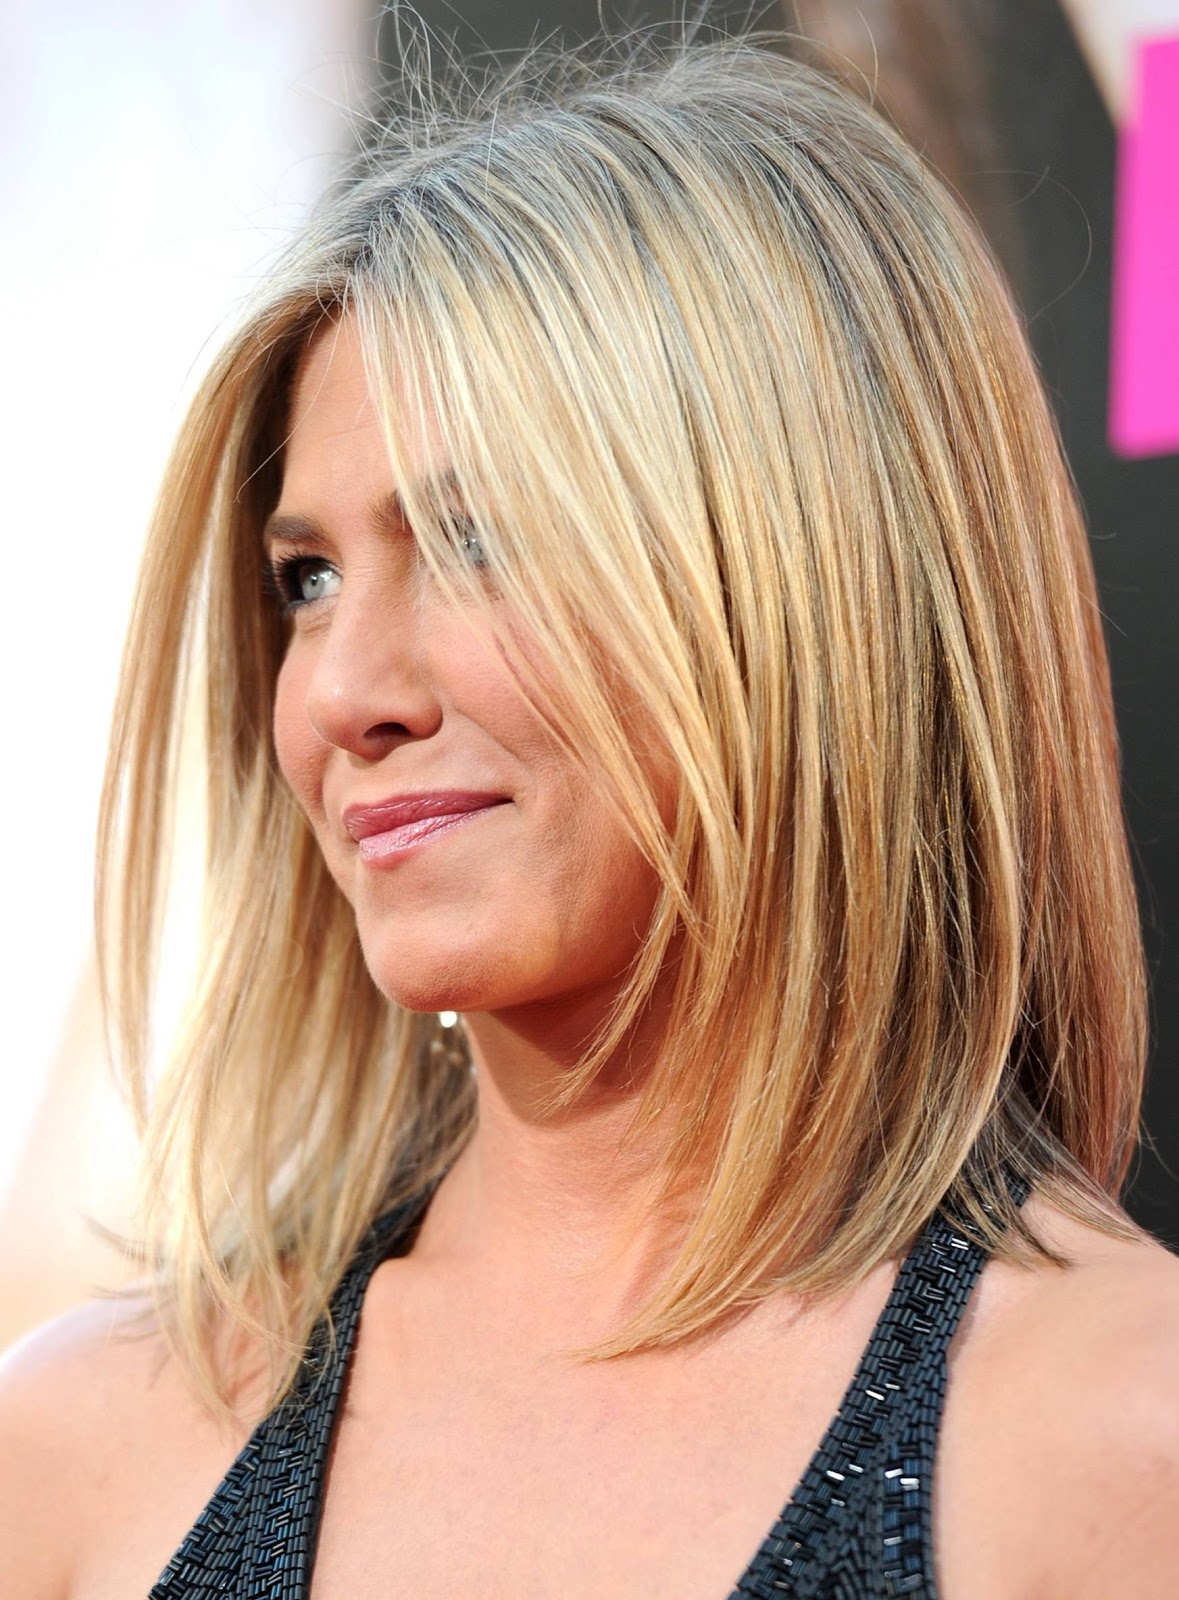 http://3.bp.blogspot.com/-B25Cta_FG0M/UN1dZ6hTyvI/AAAAAAAAp9A/U_Yyxysq3xA/s1600/jen-aniston-lob-hairstyle.jpg